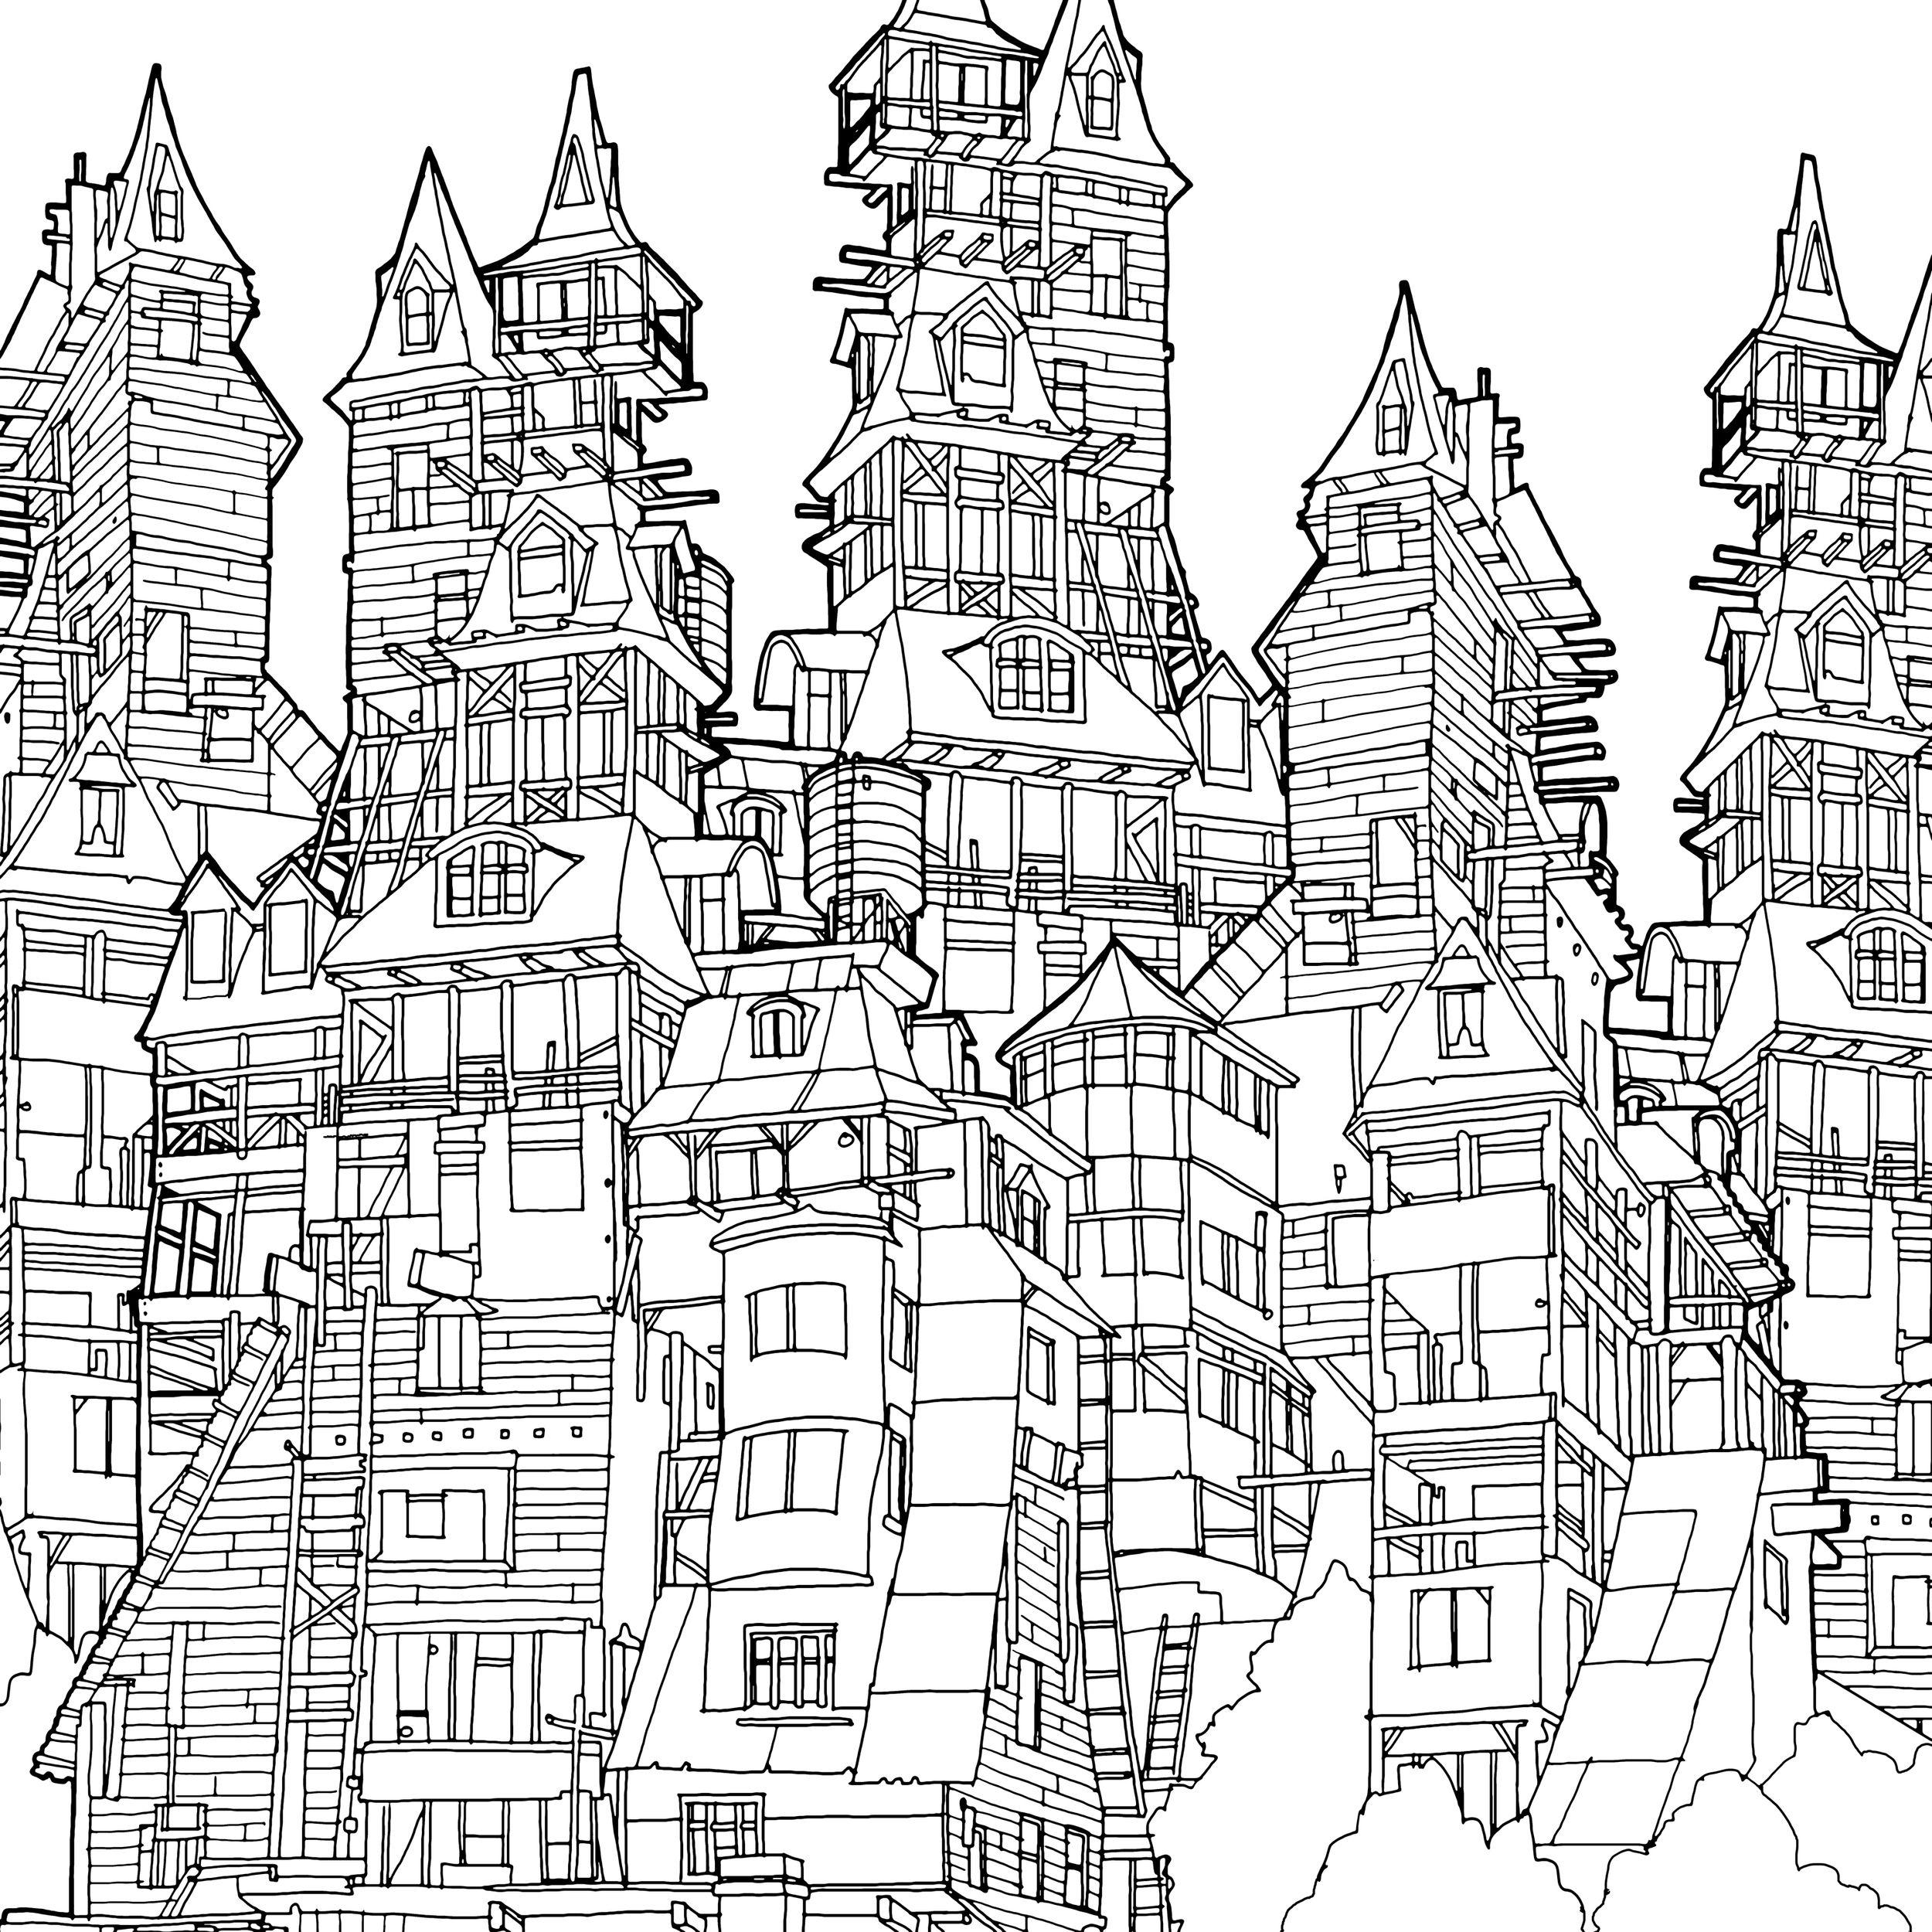 Drawings Steve Mcdonald Fantastic Cities Coloring Book Coloring Pages Coloring Books